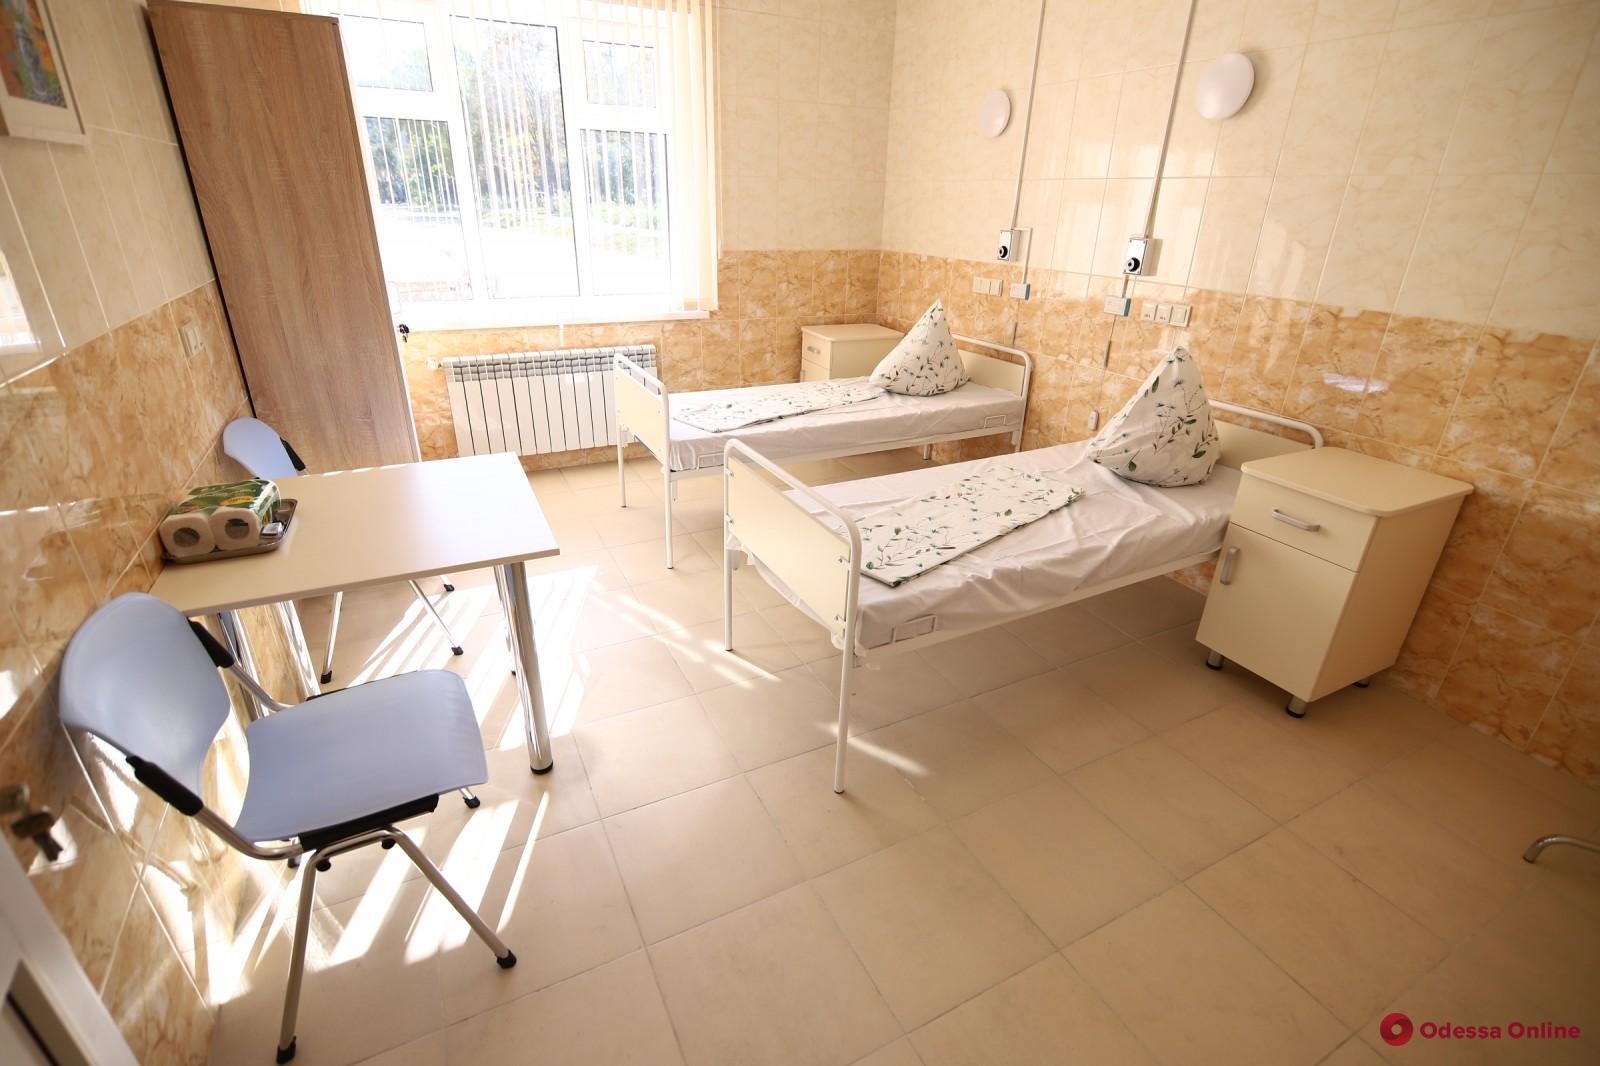 В одесских больницах остаются 235 свободных коек для пациентов с COVID-19